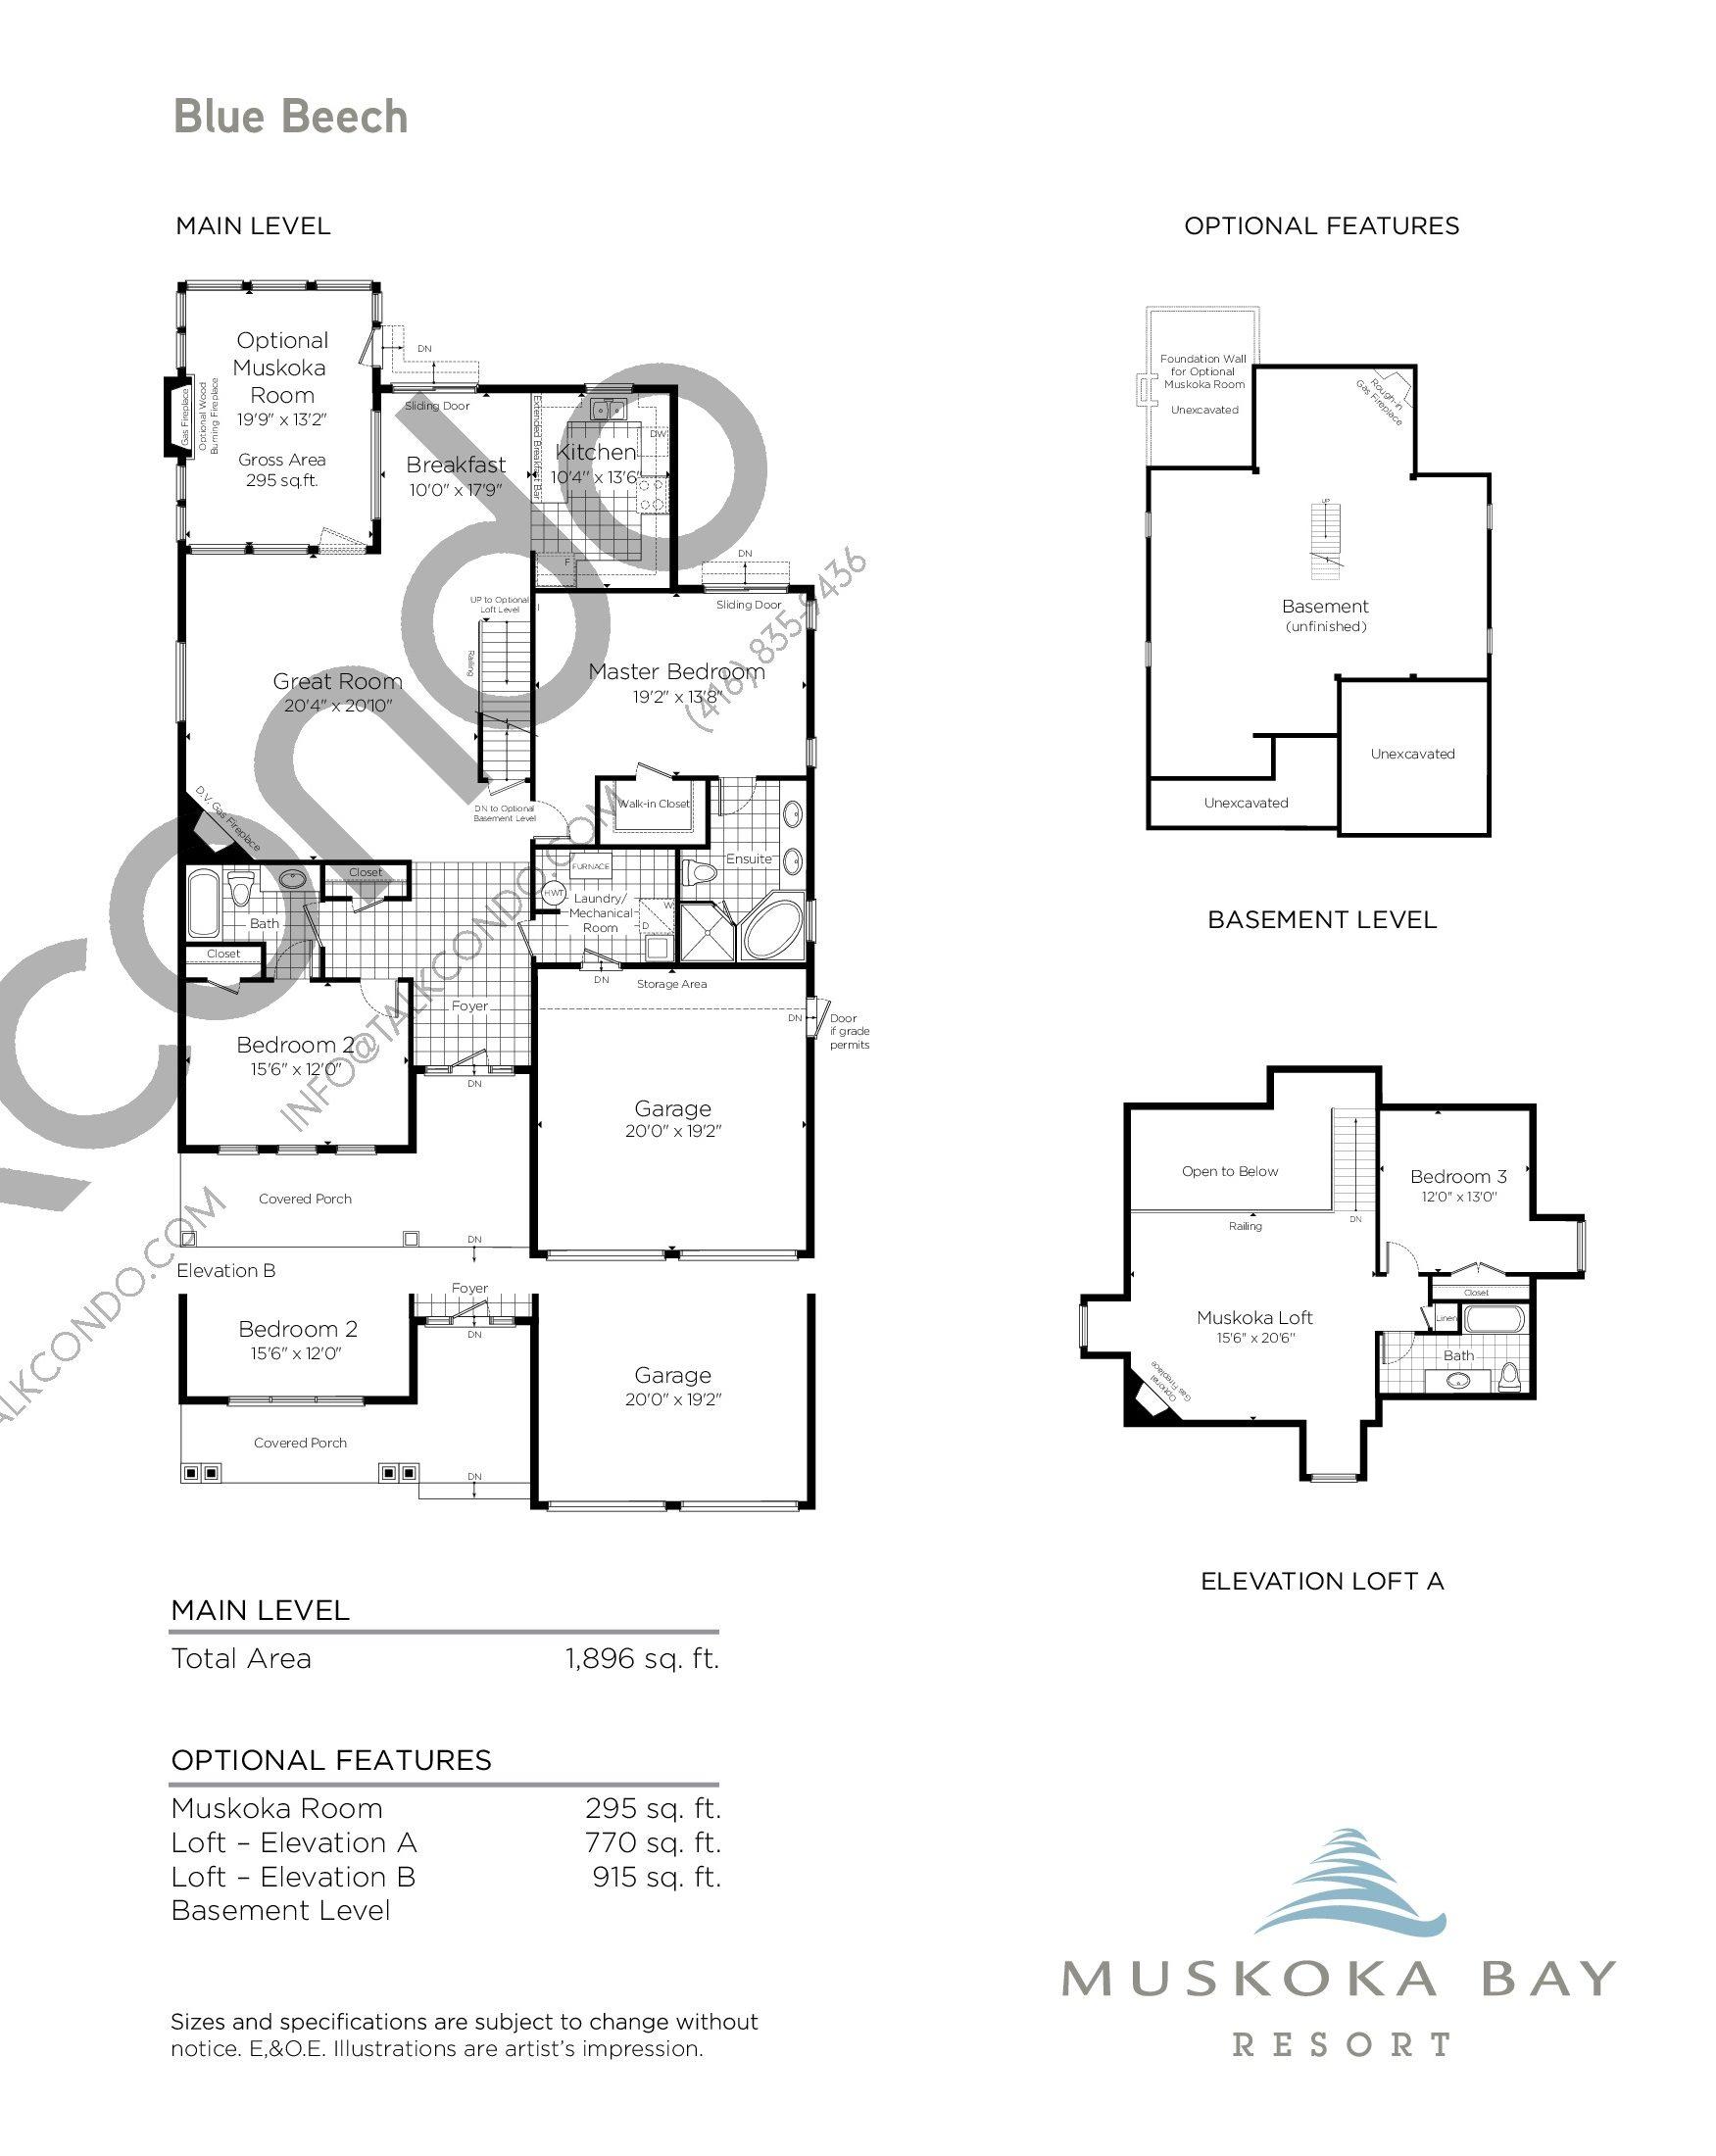 Blue Beech Floor Plan at Muskoka Bay Resort - 3106 sq.ft